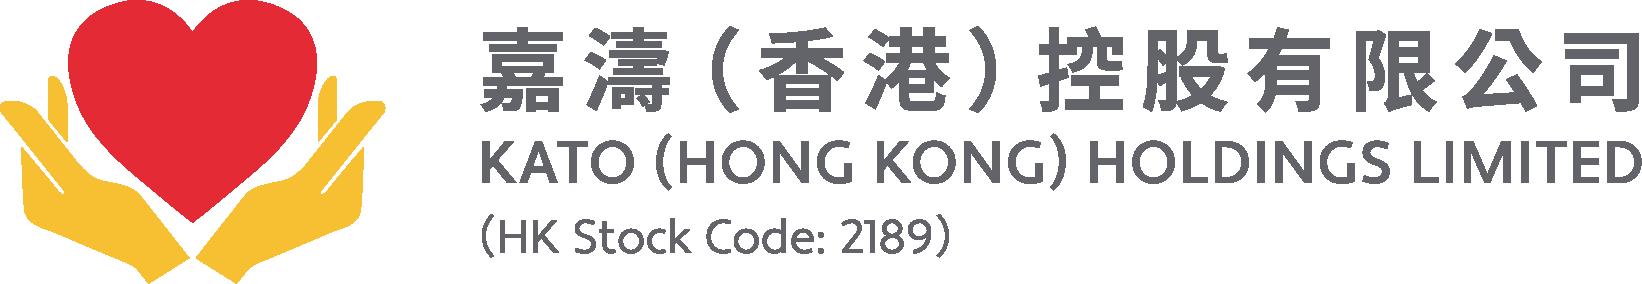 嘉濤(香港)控股有限公司